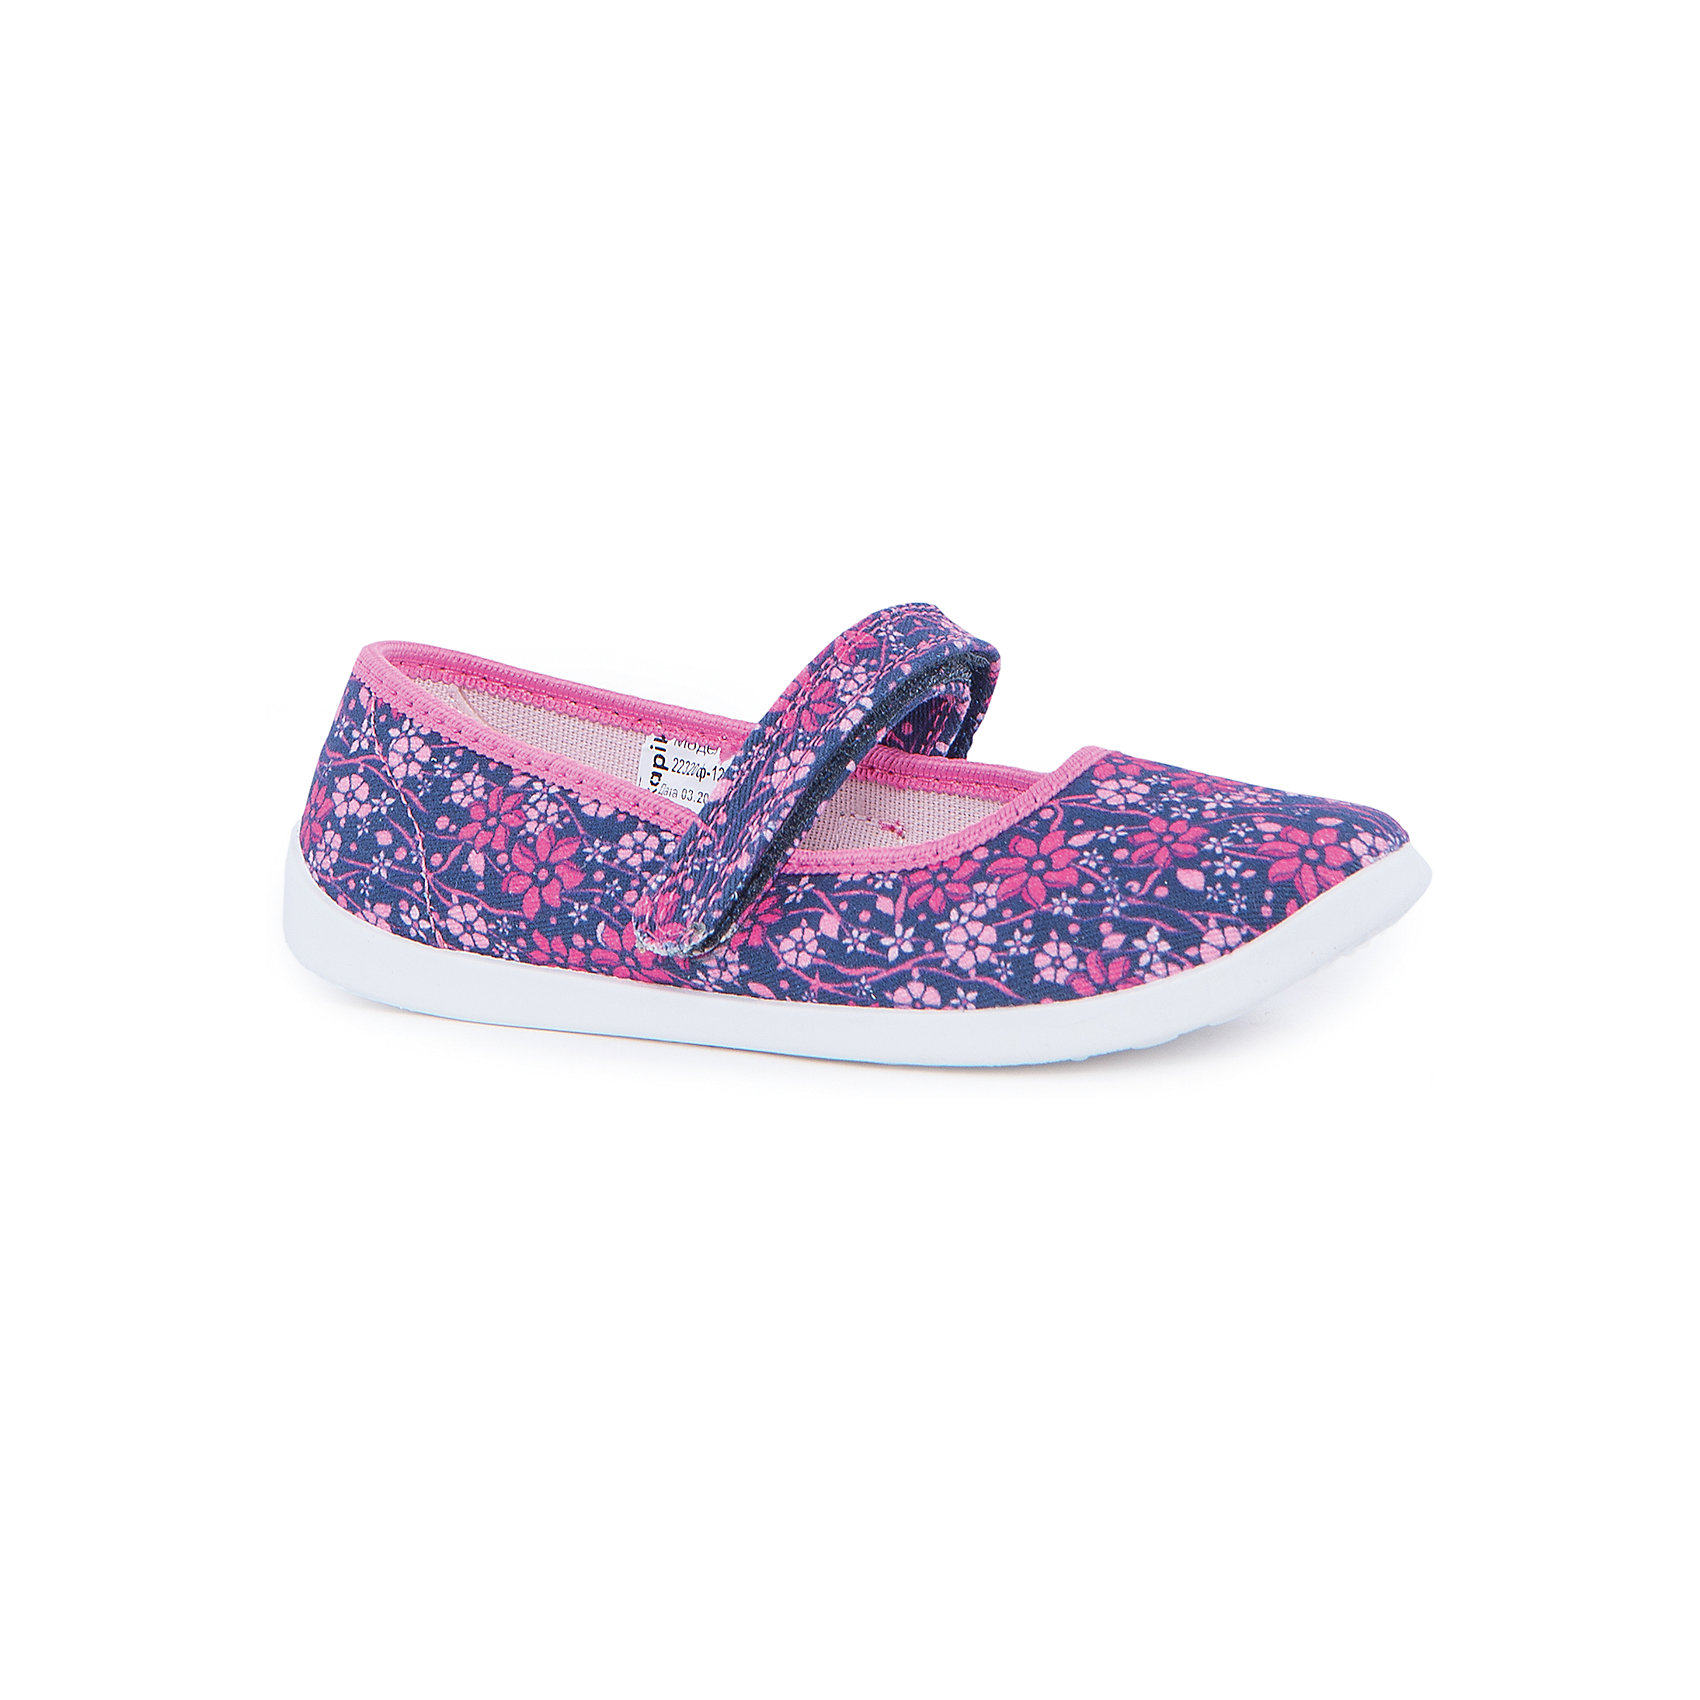 Туфли для девочки KAPIKAТуфли<br>Туфли для девочки KAPIKA станут отличным вариантом для летних прогулок. Туфельки очень удобные и не будут натирать ножки. Они не будут сковывать движение и прогулки станут особенно интересными. <br><br>Характеристика:<br>-Цвет: фиолетовый с рисунком<br>-Материал: верх - текстиль, стелька - кожа,                       подошва - полимер,                       подкладка - текстиль<br>-Застёжка: липучка<br>-Бренд: KAPIKA(КАПИКА)<br><br>Туфли для девочки KAPIKA  вы можете приобрести в нашем интернет- магазине.<br><br>Ширина мм: 227<br>Глубина мм: 145<br>Высота мм: 124<br>Вес г: 325<br>Цвет: синий<br>Возраст от месяцев: 132<br>Возраст до месяцев: 144<br>Пол: Женский<br>Возраст: Детский<br>Размер: 35,30,31,32,33,34<br>SKU: 4987740